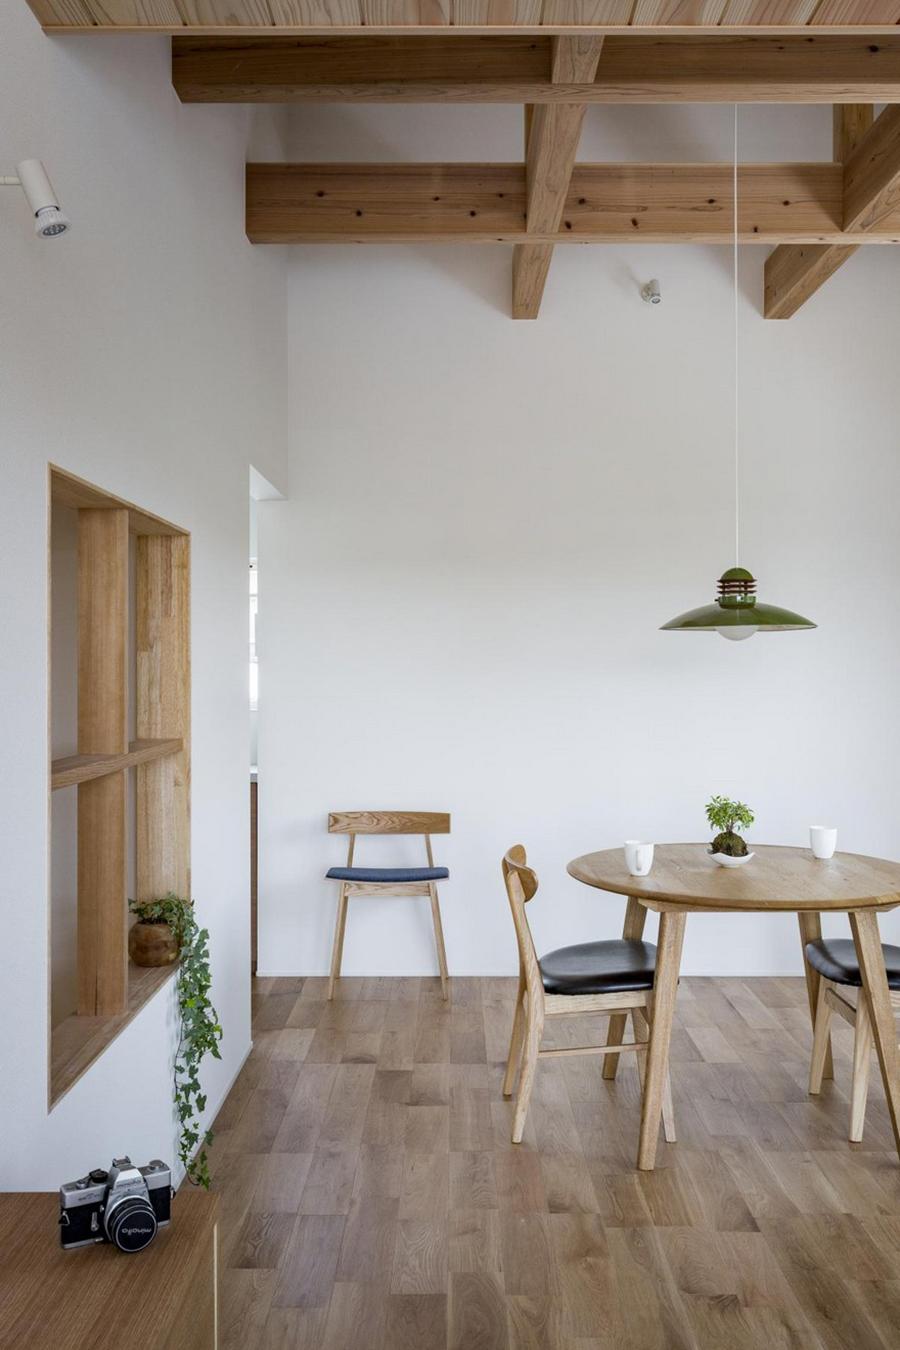 tendencia minimal decoracion de interiores